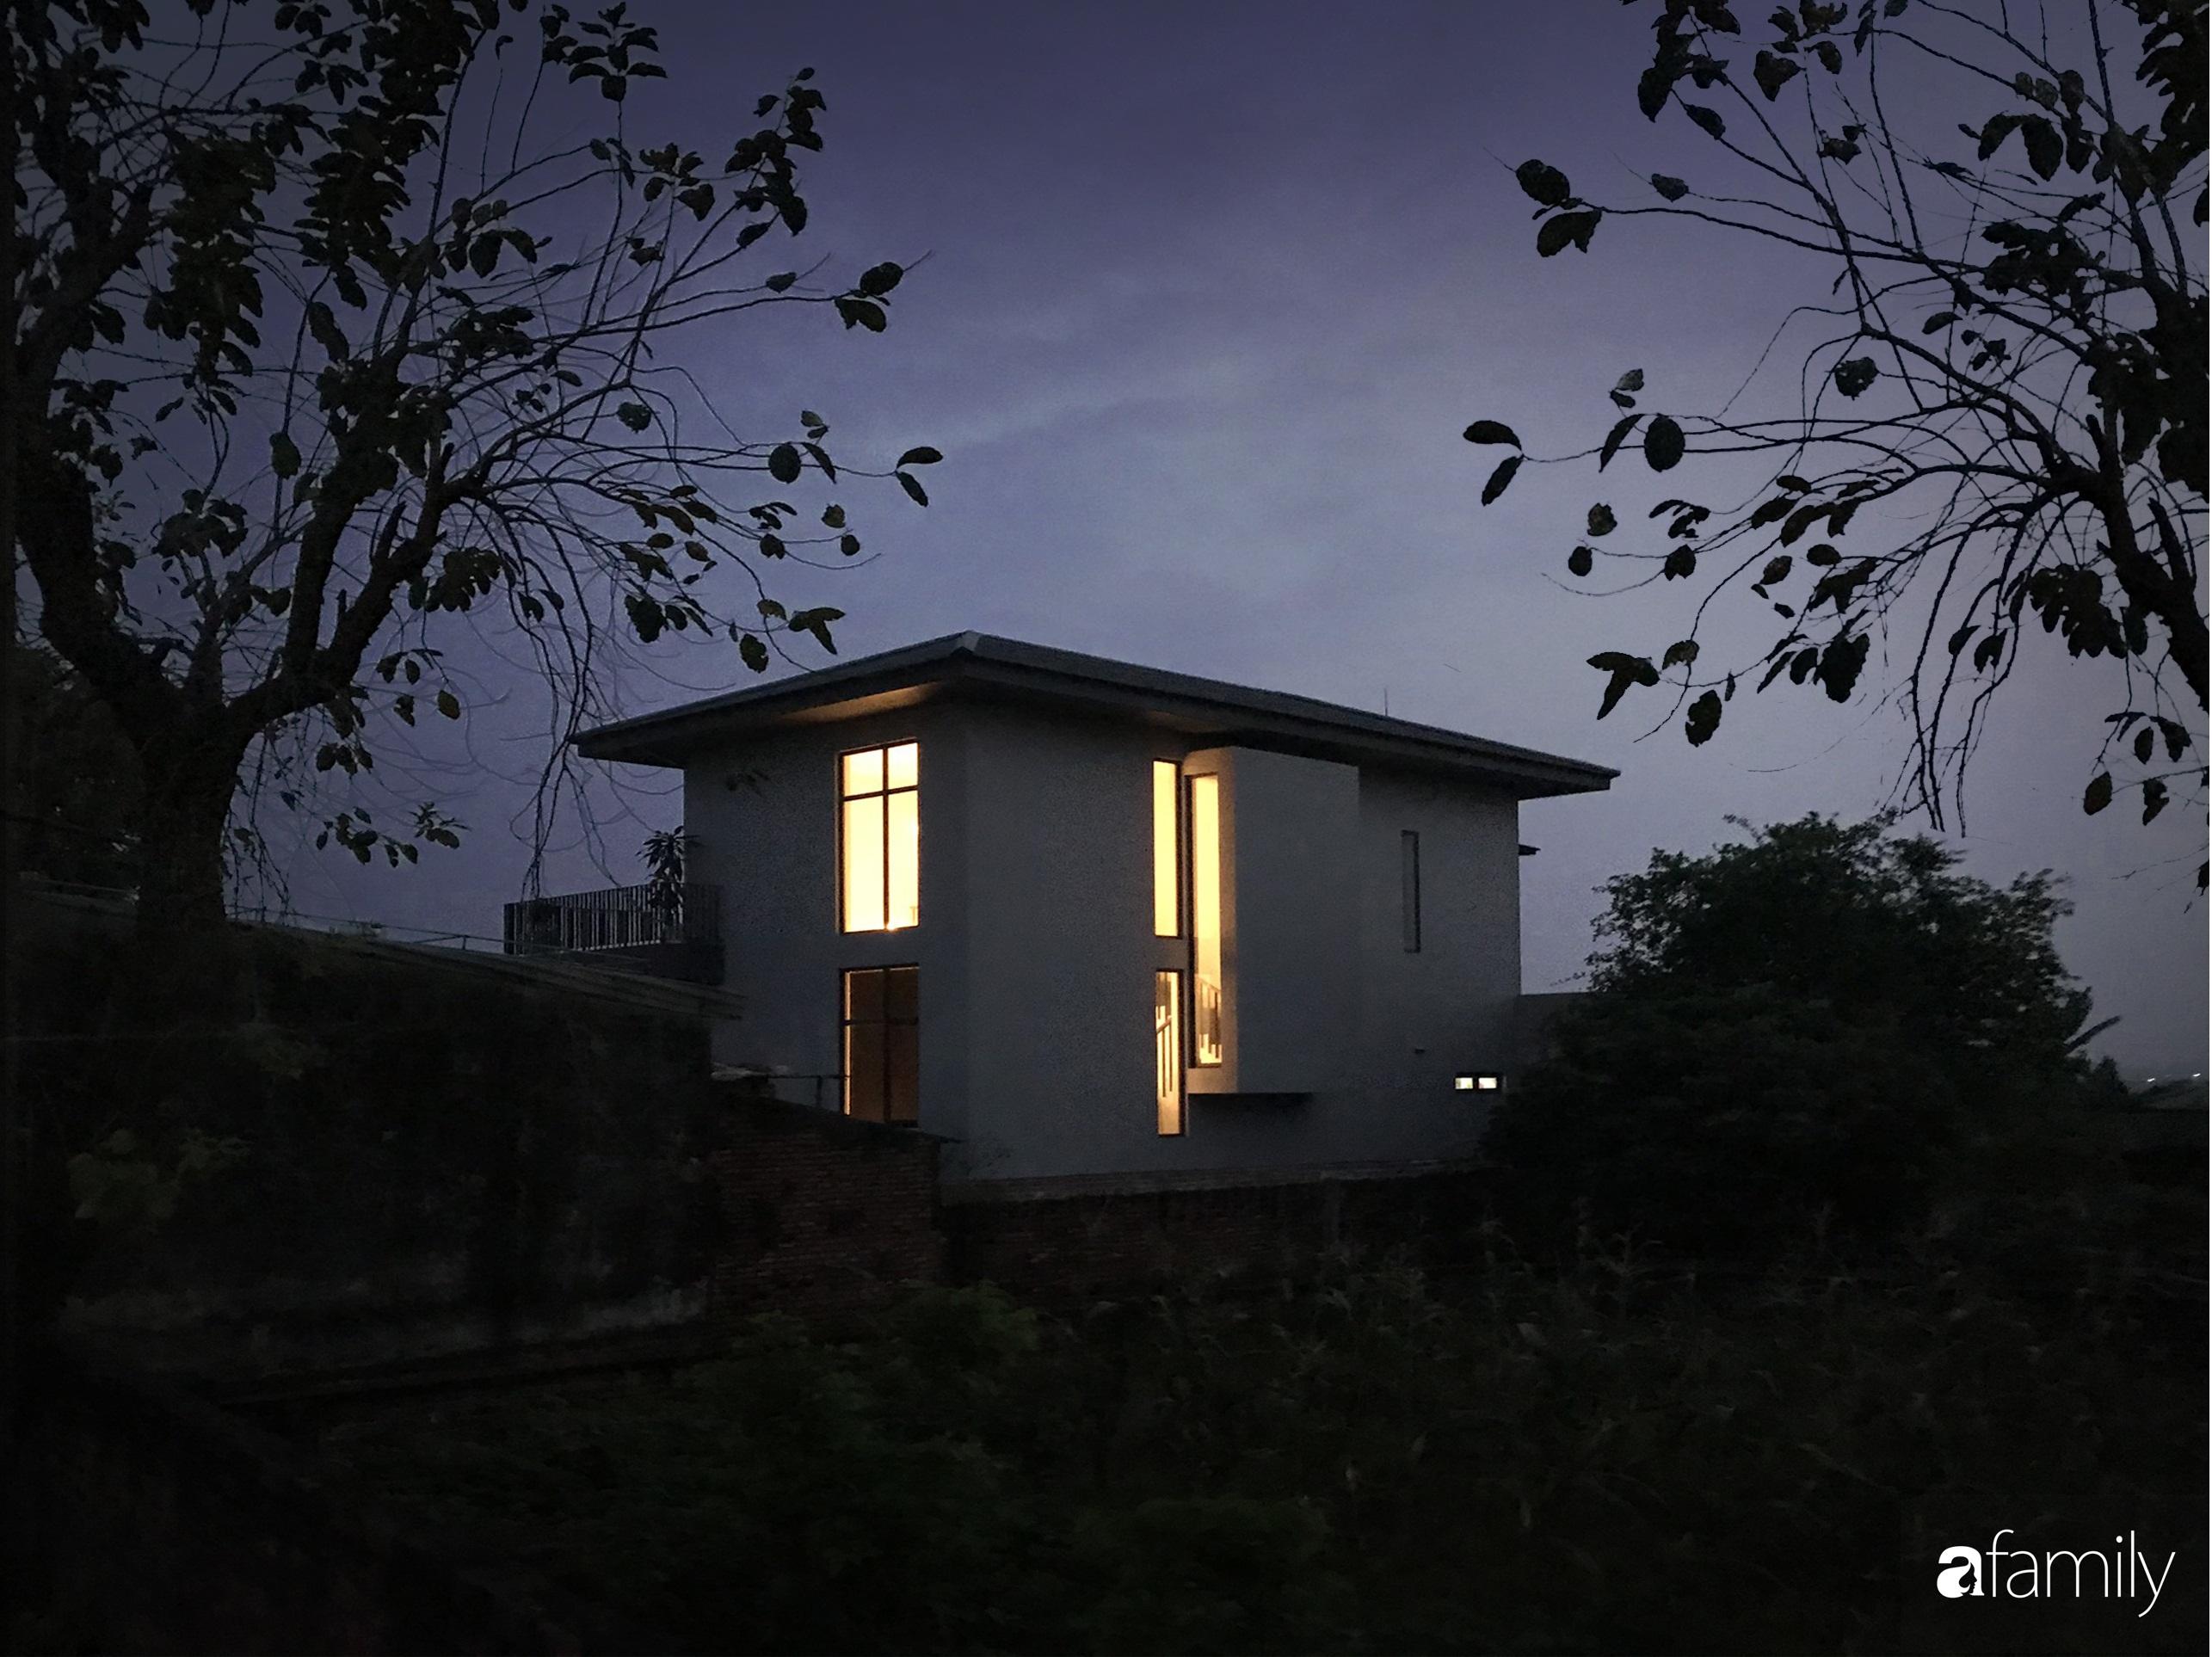 Con trai là KTS xây nhà 2 tầng nhìn thẳng ra cánh đồng lúa với thiết kế tiện dụng cho bố mẹ già ở Hà Tĩnh - Ảnh 5.